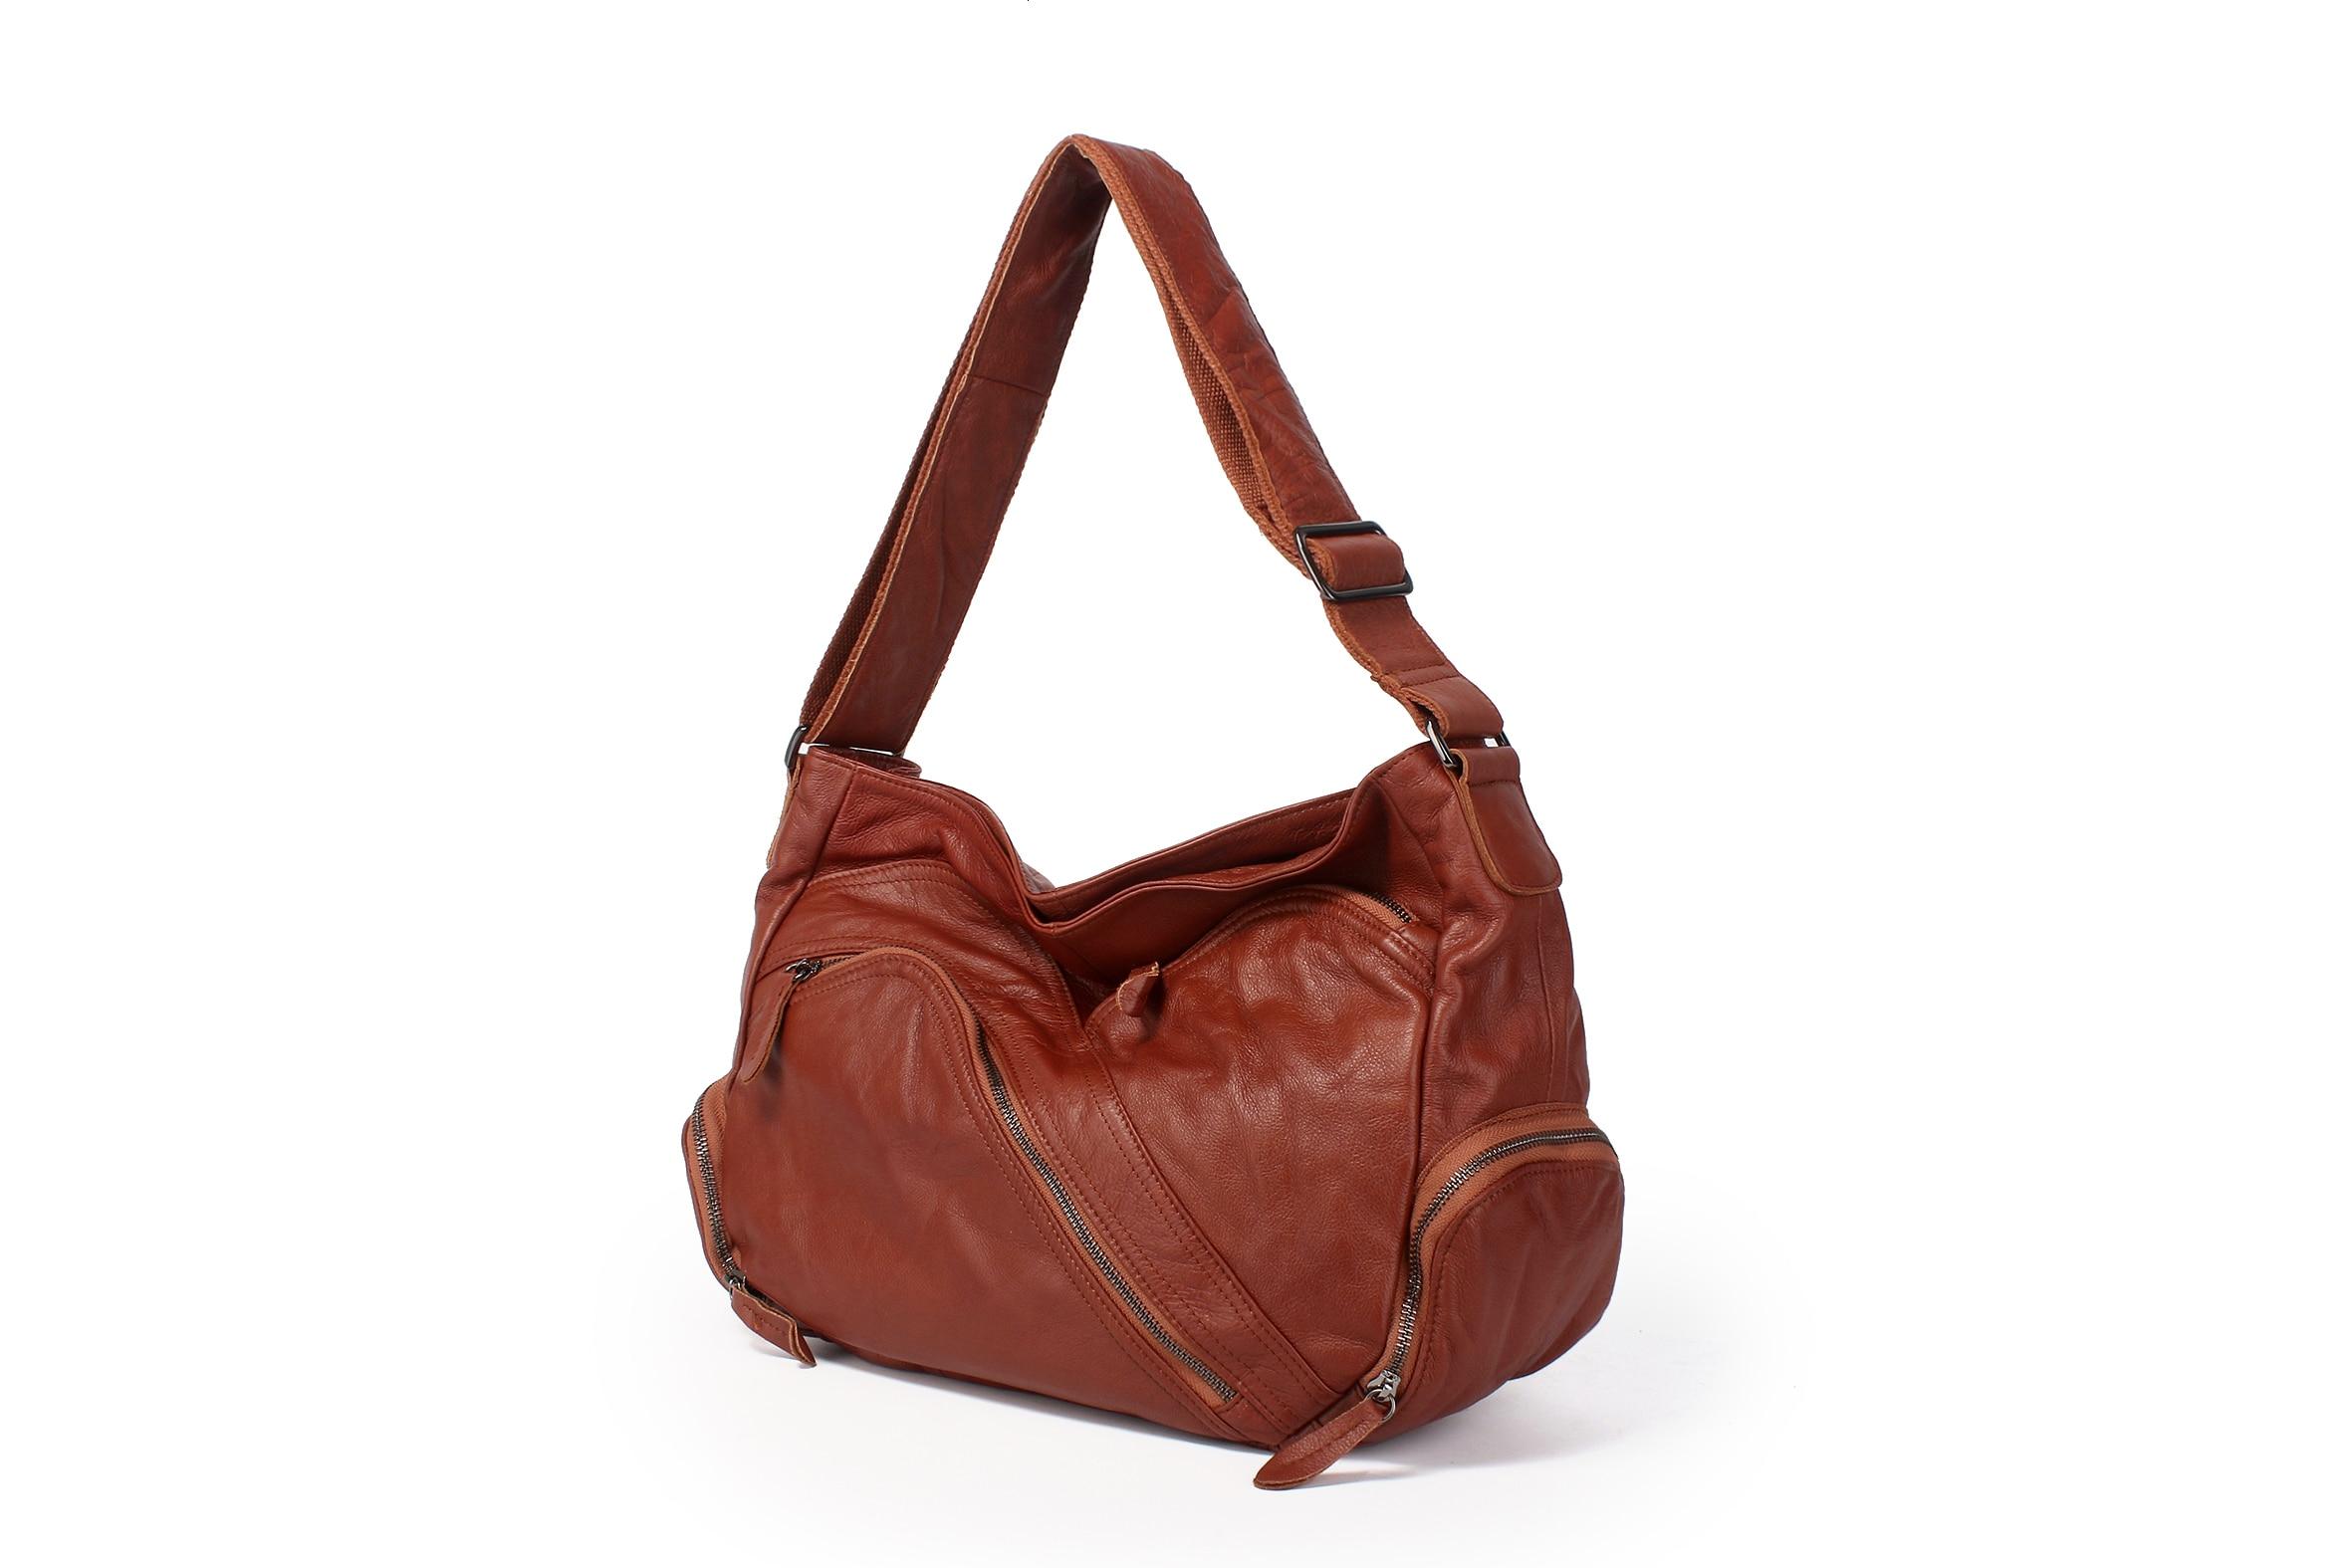 High Quality handbag designer